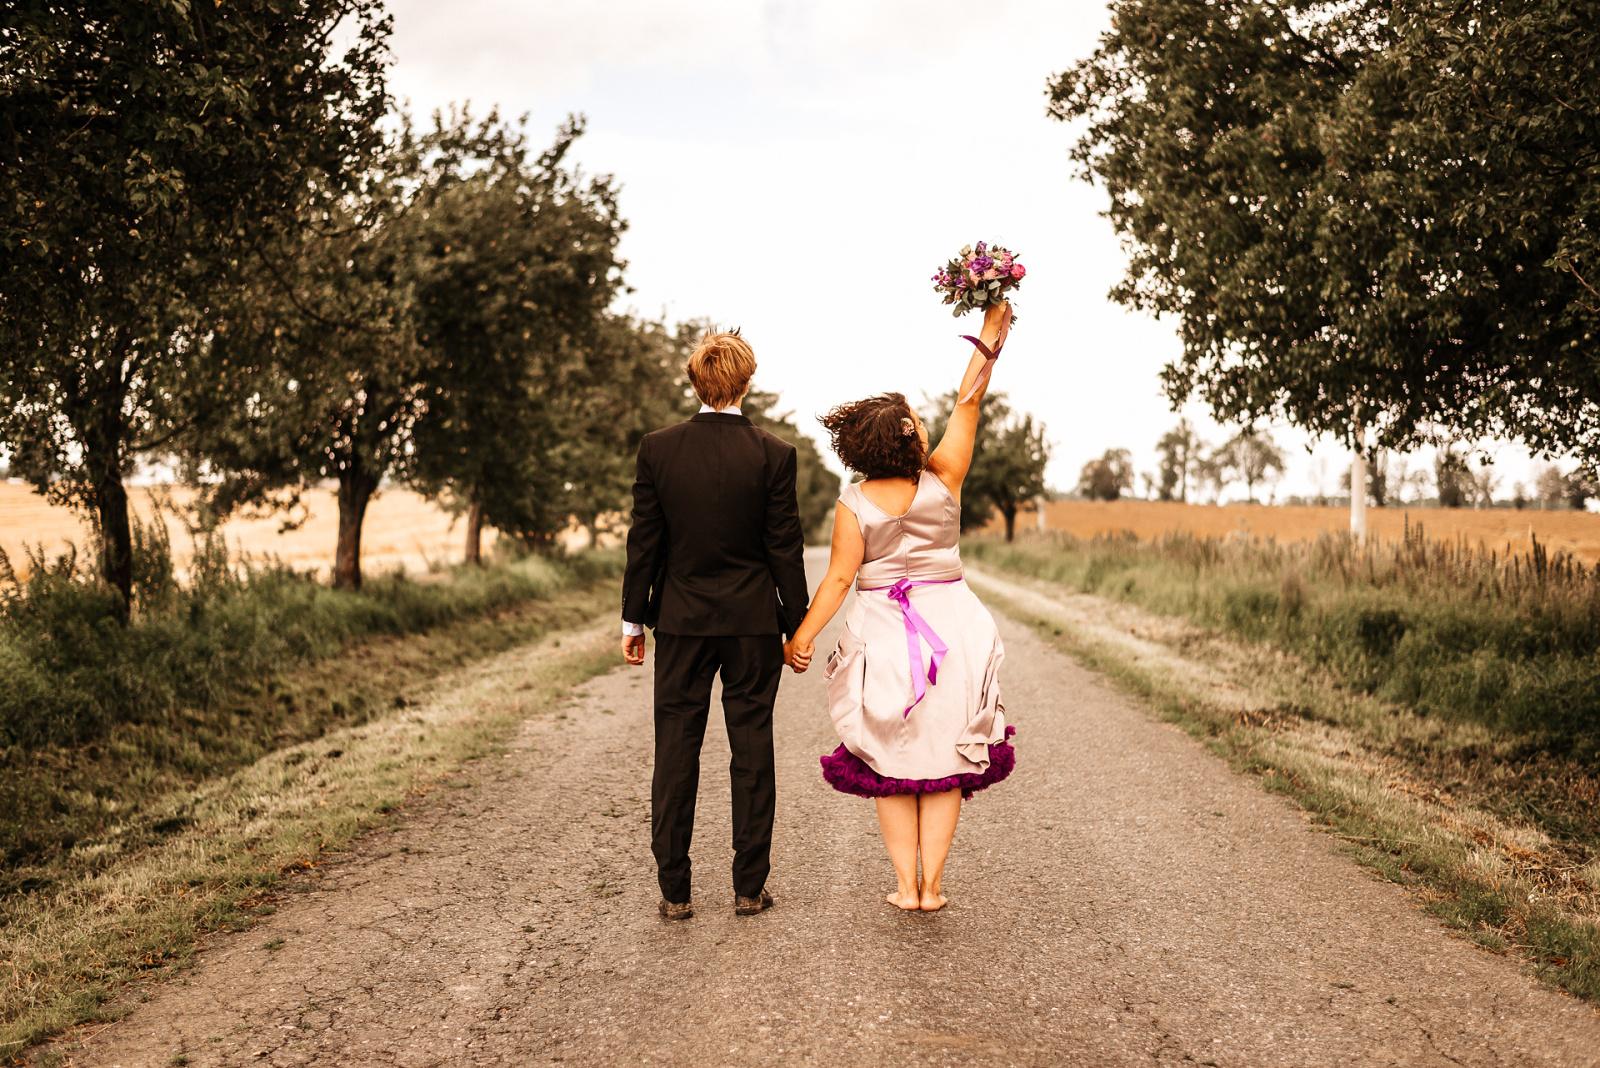 novomanželé vstupují do nové životní éry